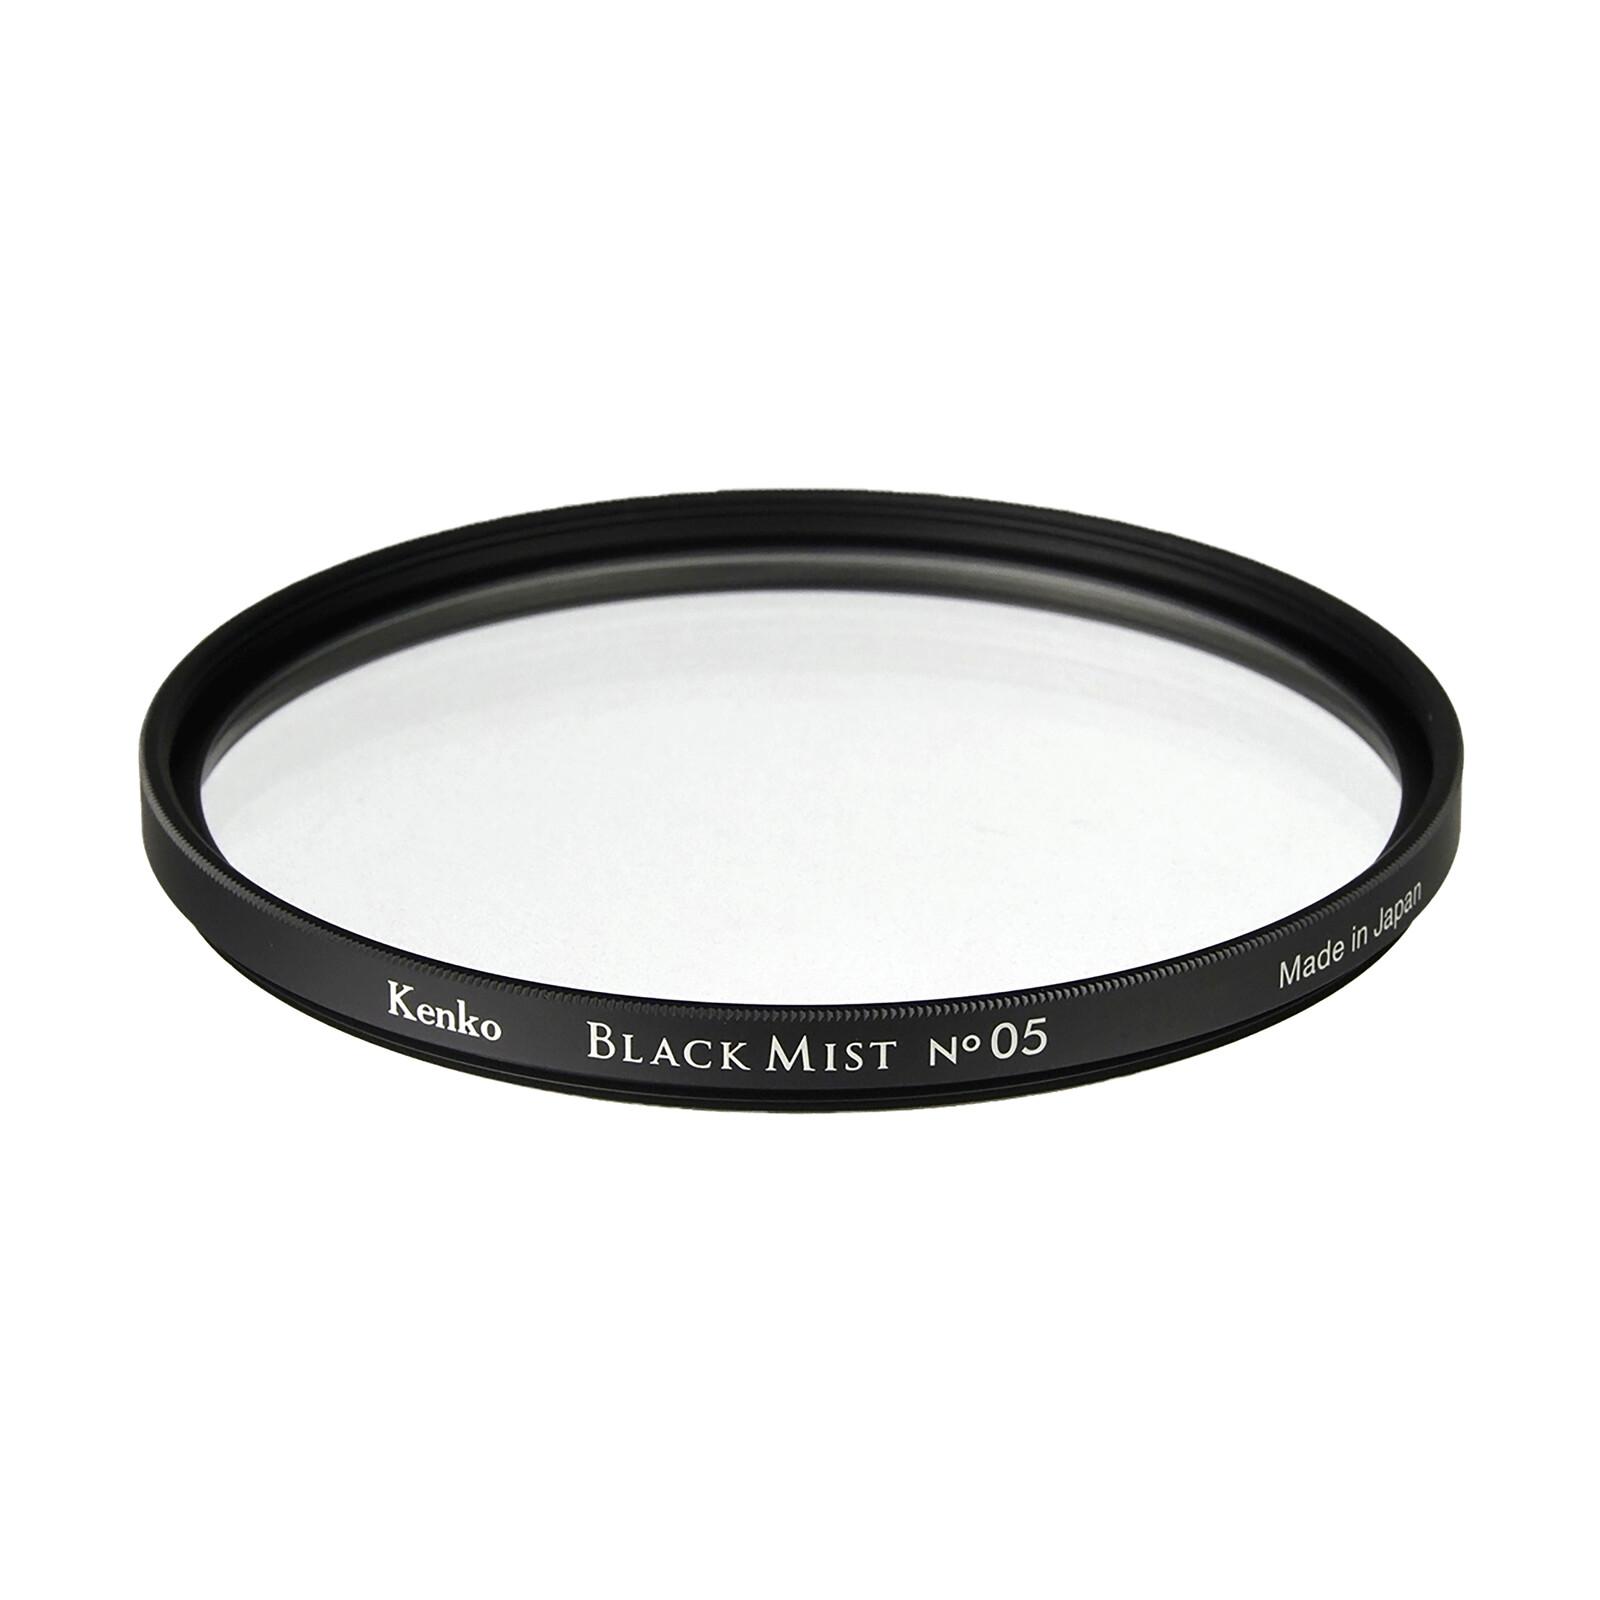 Kenko Black Mist Nr. 05